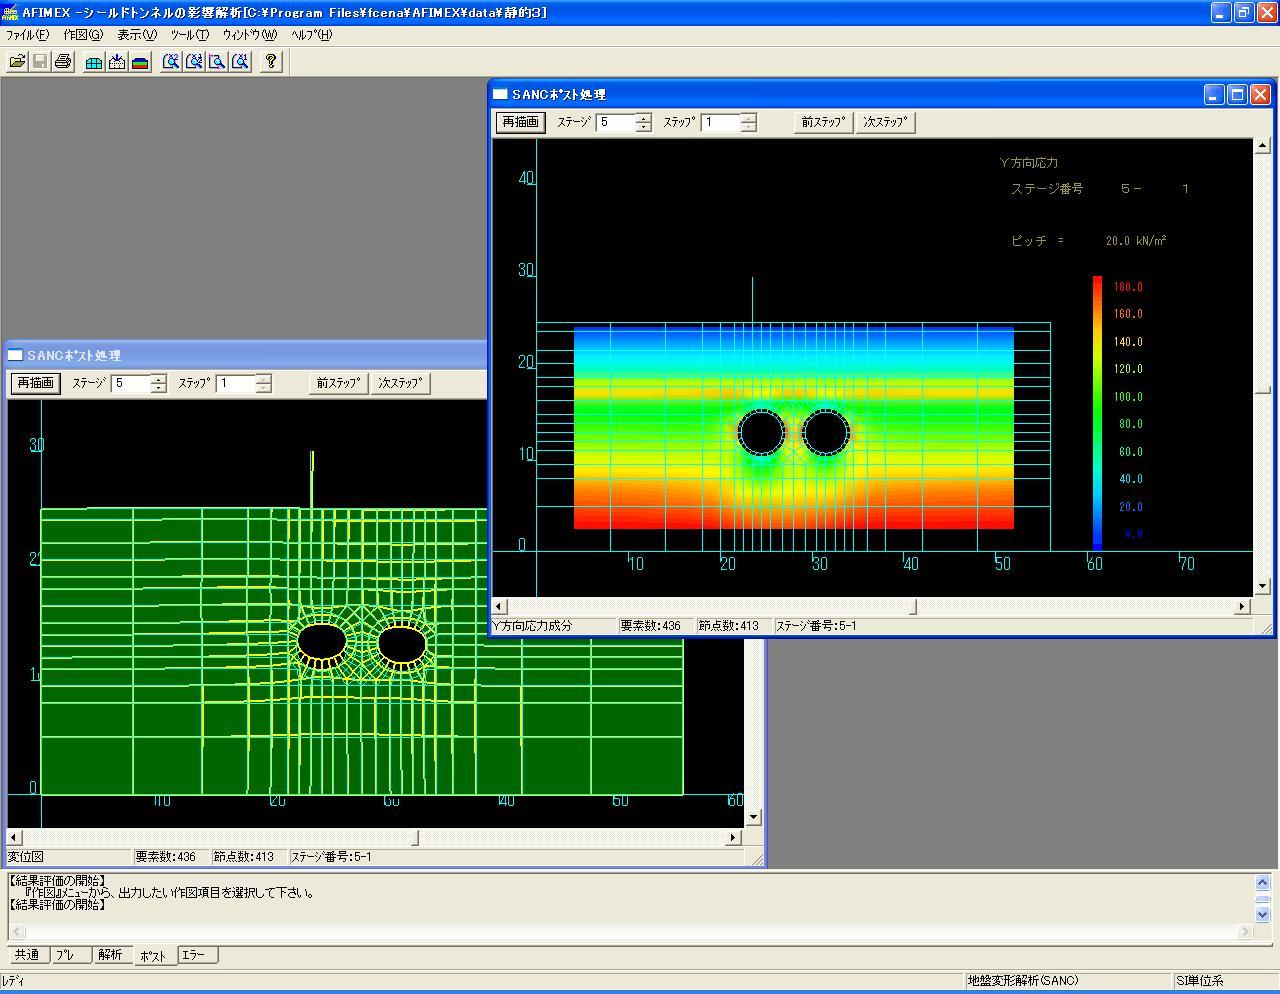 2次元地盤FEM解析統合システム AFIMEX(基本システム)